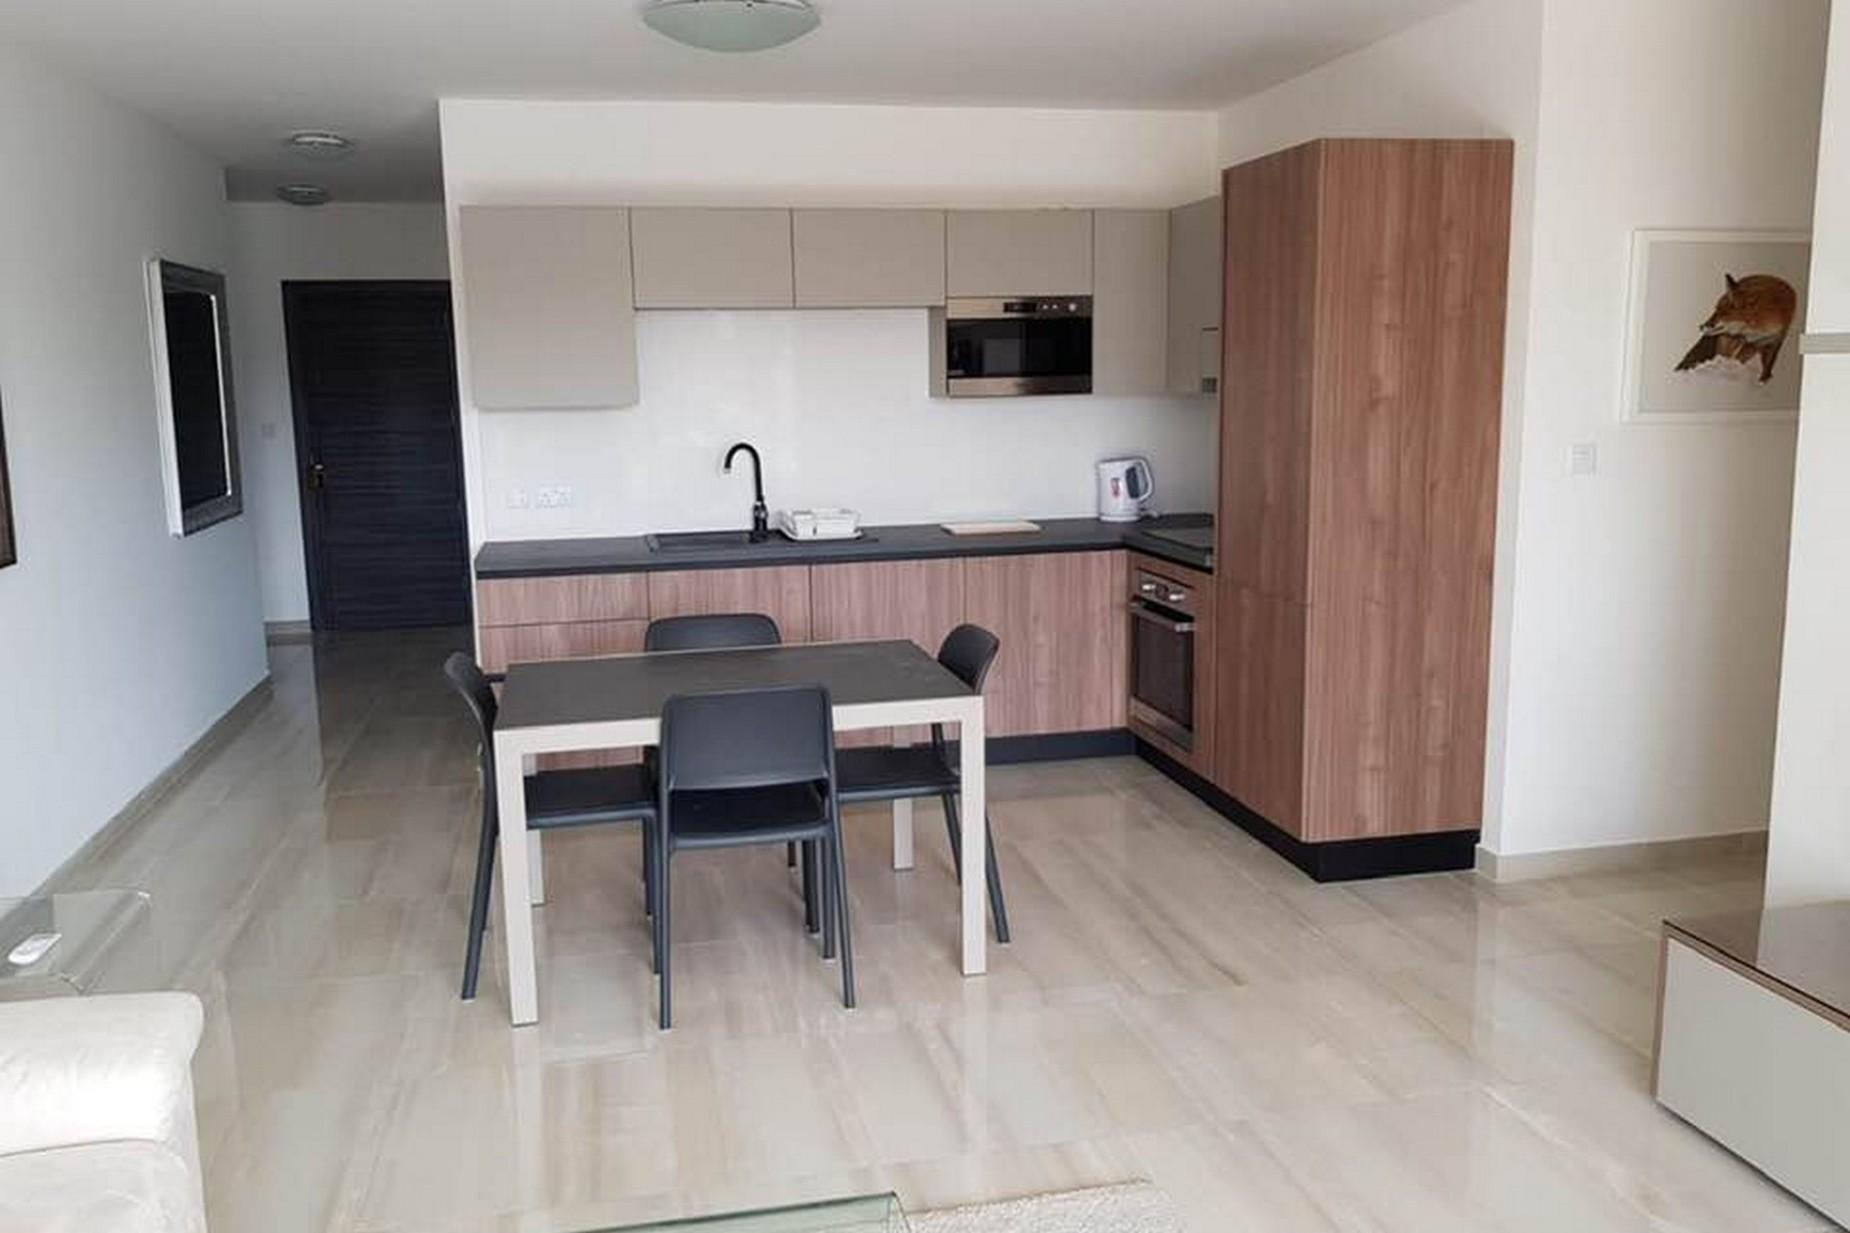 2 bed Apartment For Rent in Ta' Xbiex, Ta' Xbiex - thumb 9